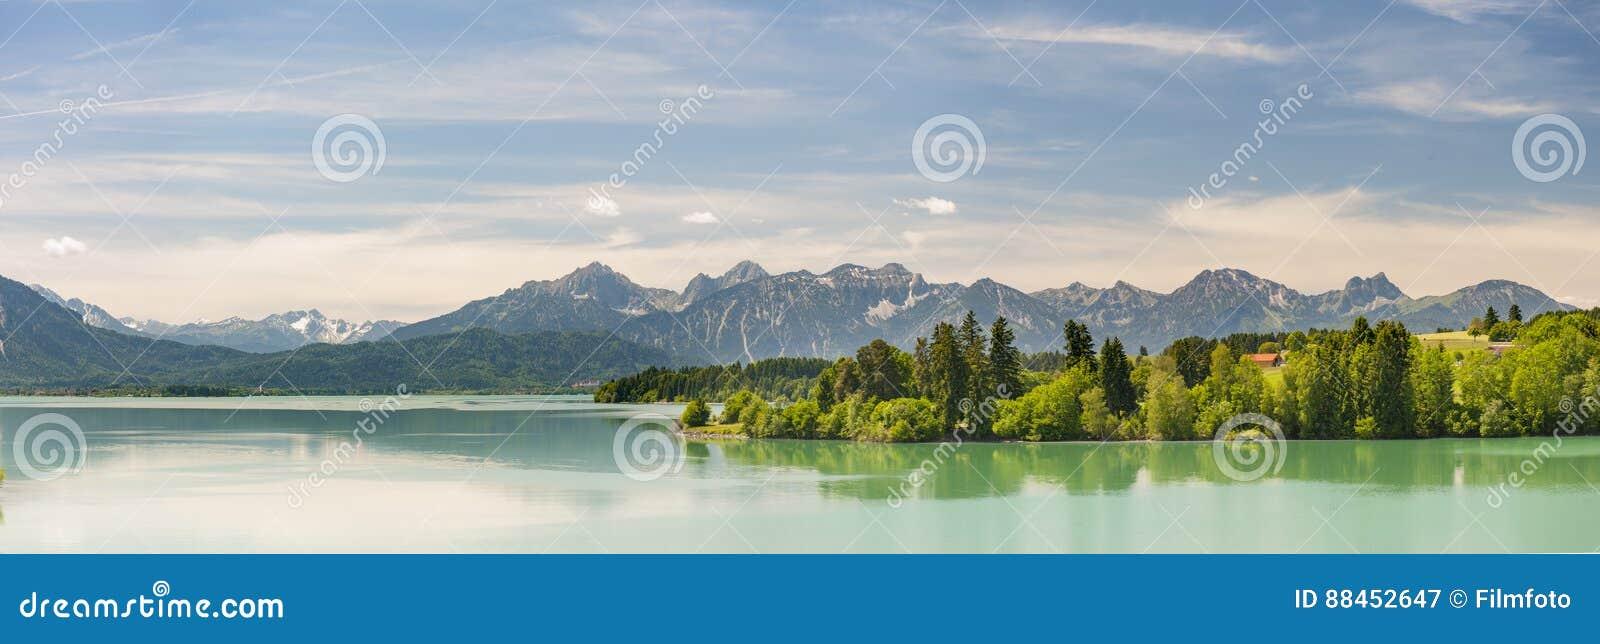 Panoramascène in Beieren met de bergen en het meer van alpen